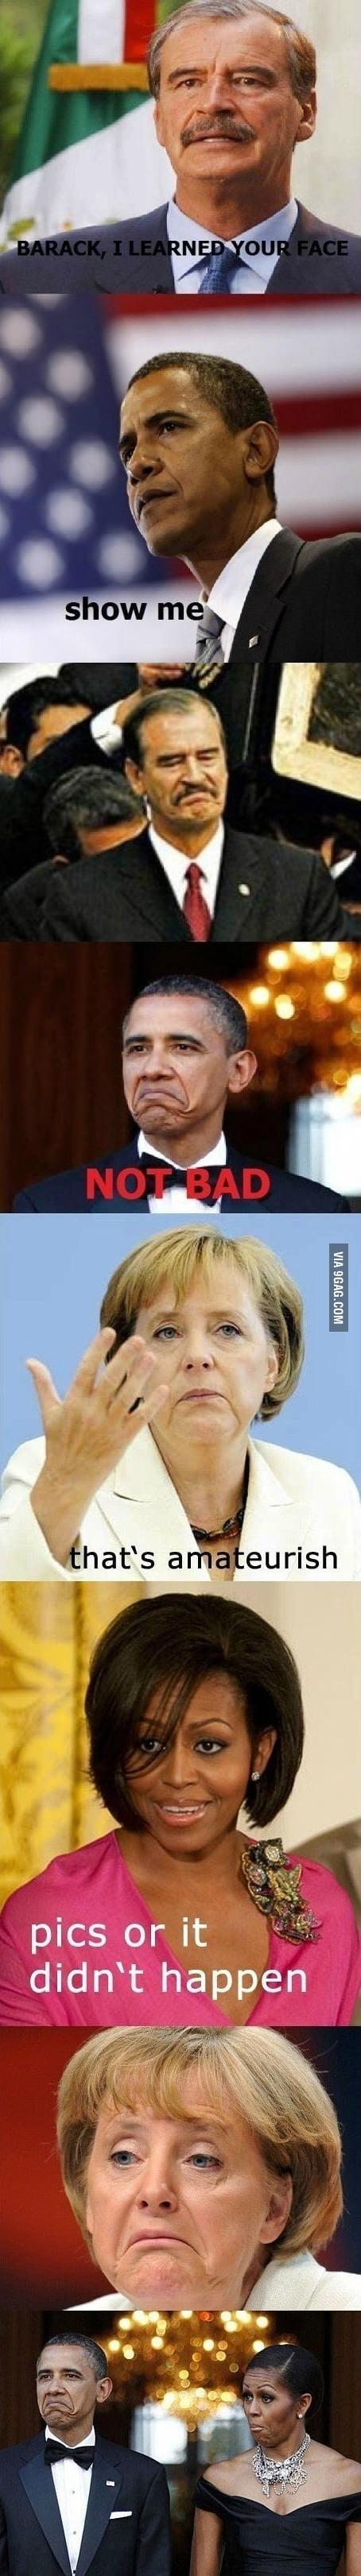 Got your face Barack!